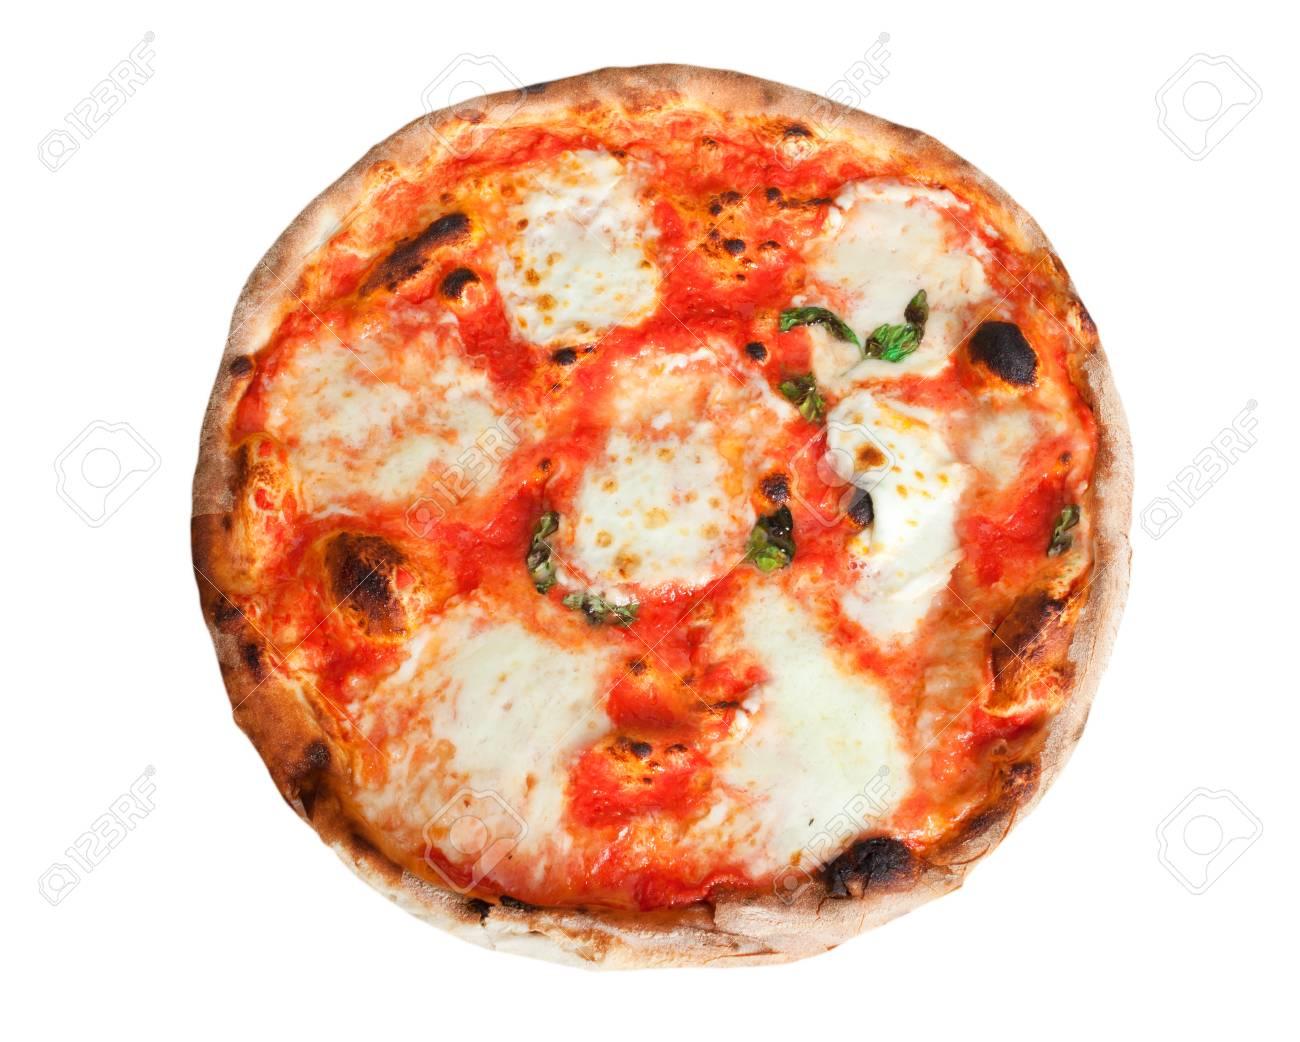 Pizza Margherita With Slices Of Mozzarella On White Background Stock Photo